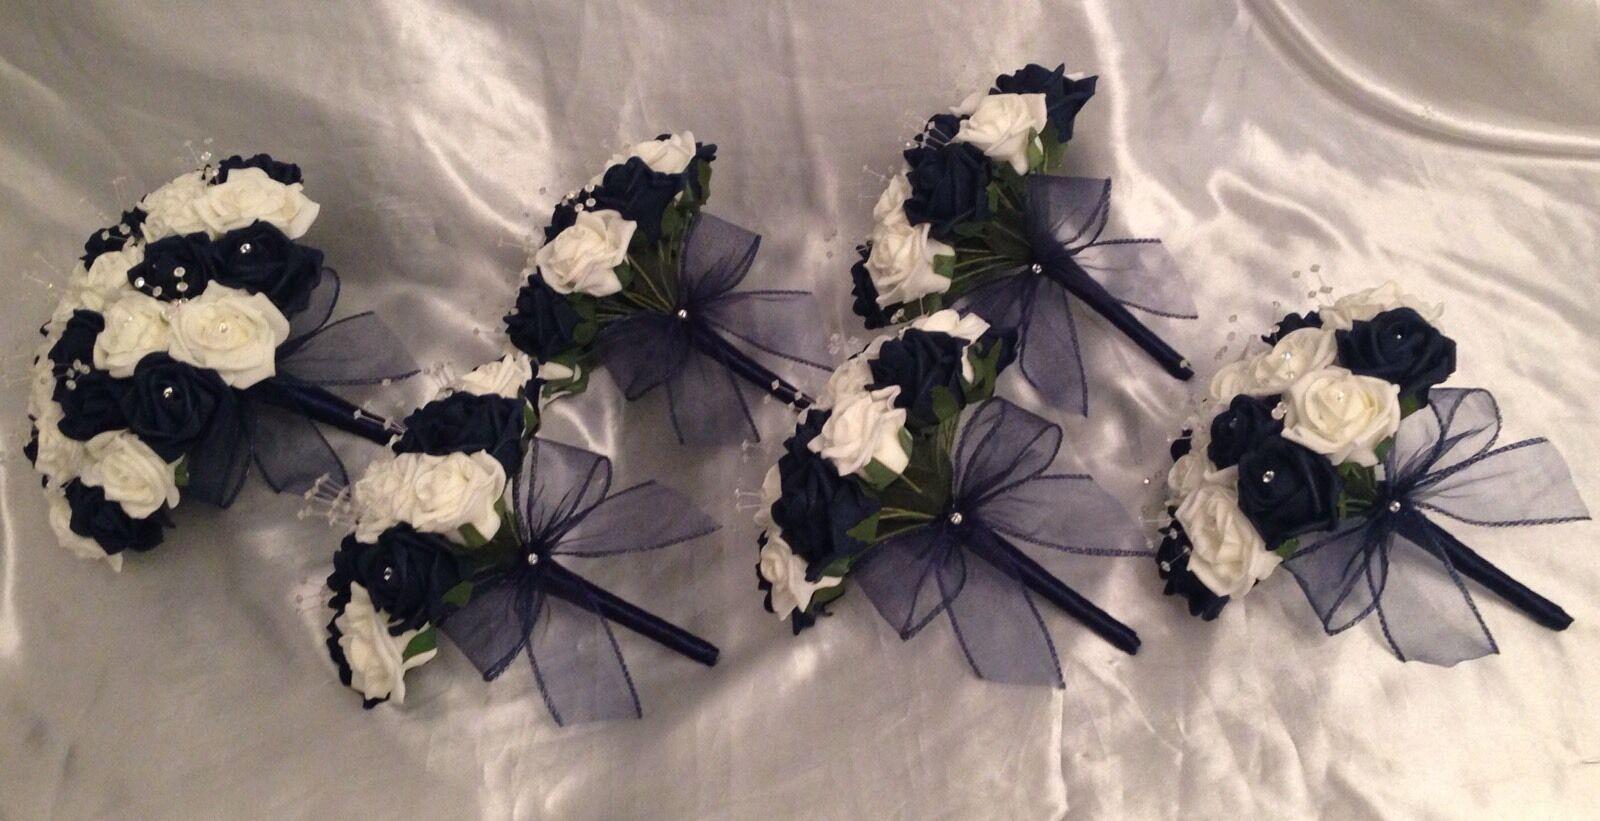 Mariage Fleurs Artificielles en Mousse Rose bouquets-bleu marine ivoire mariée demoiselle d'honneur